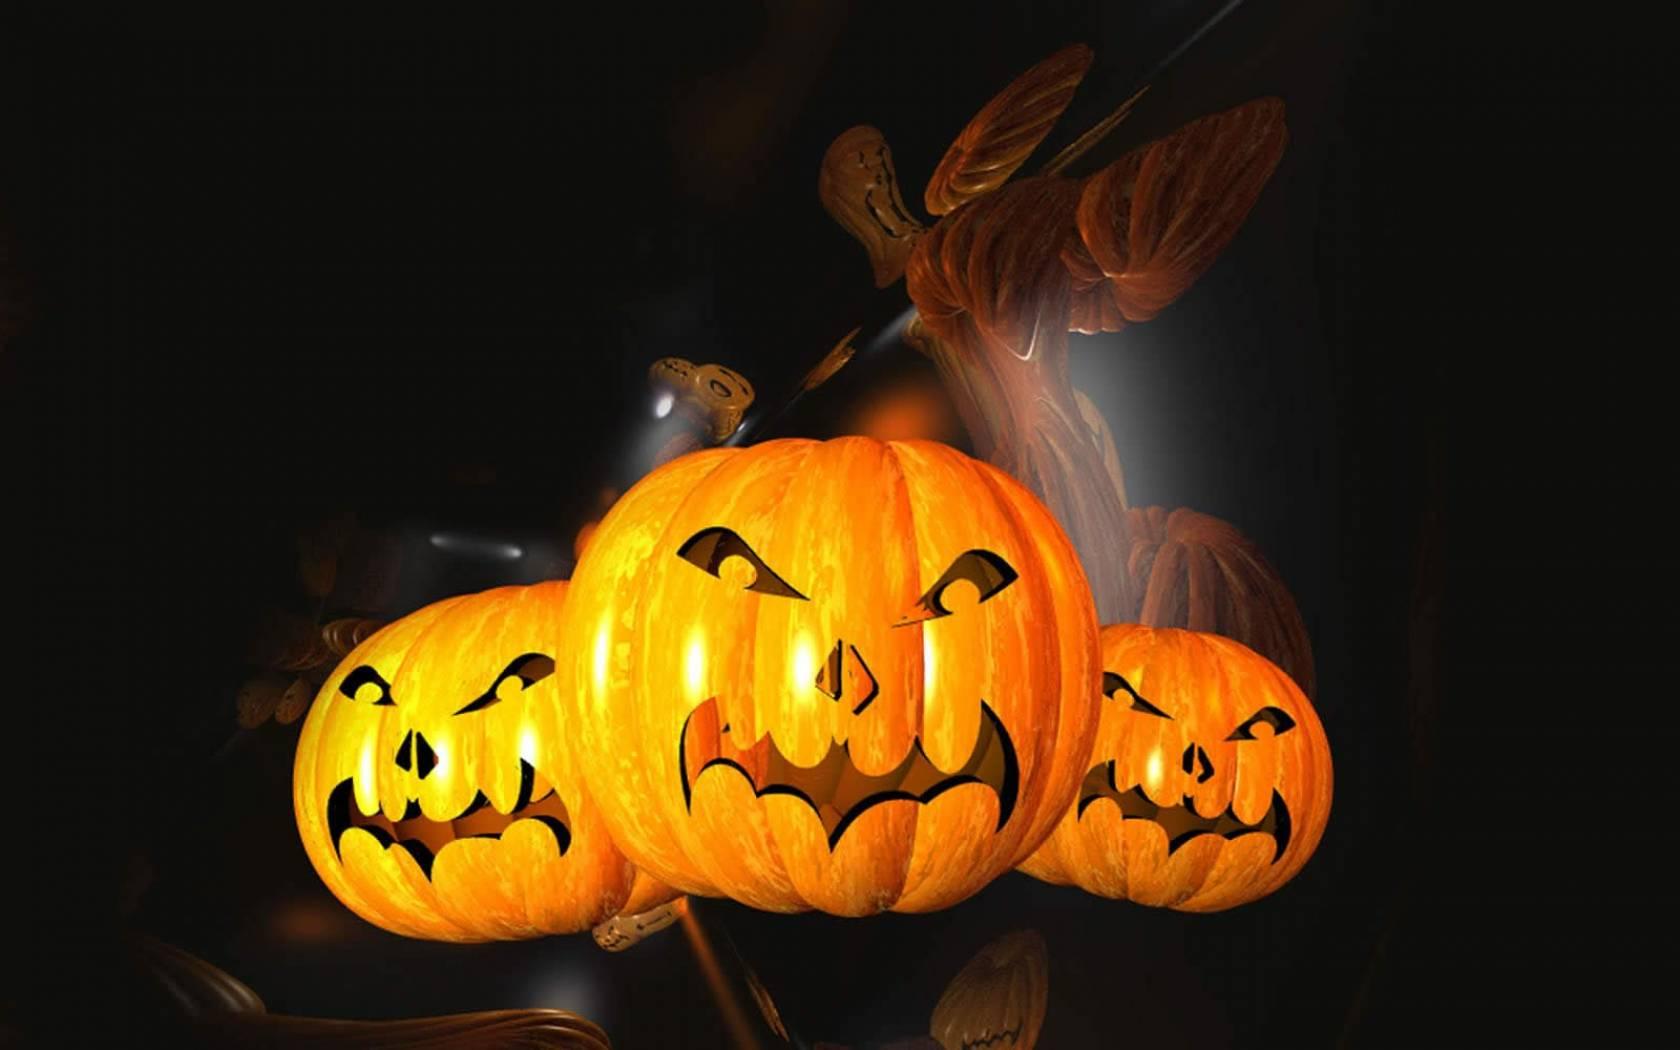 20 Happy Halloween 2014 HD Wallpapers 1680x1050